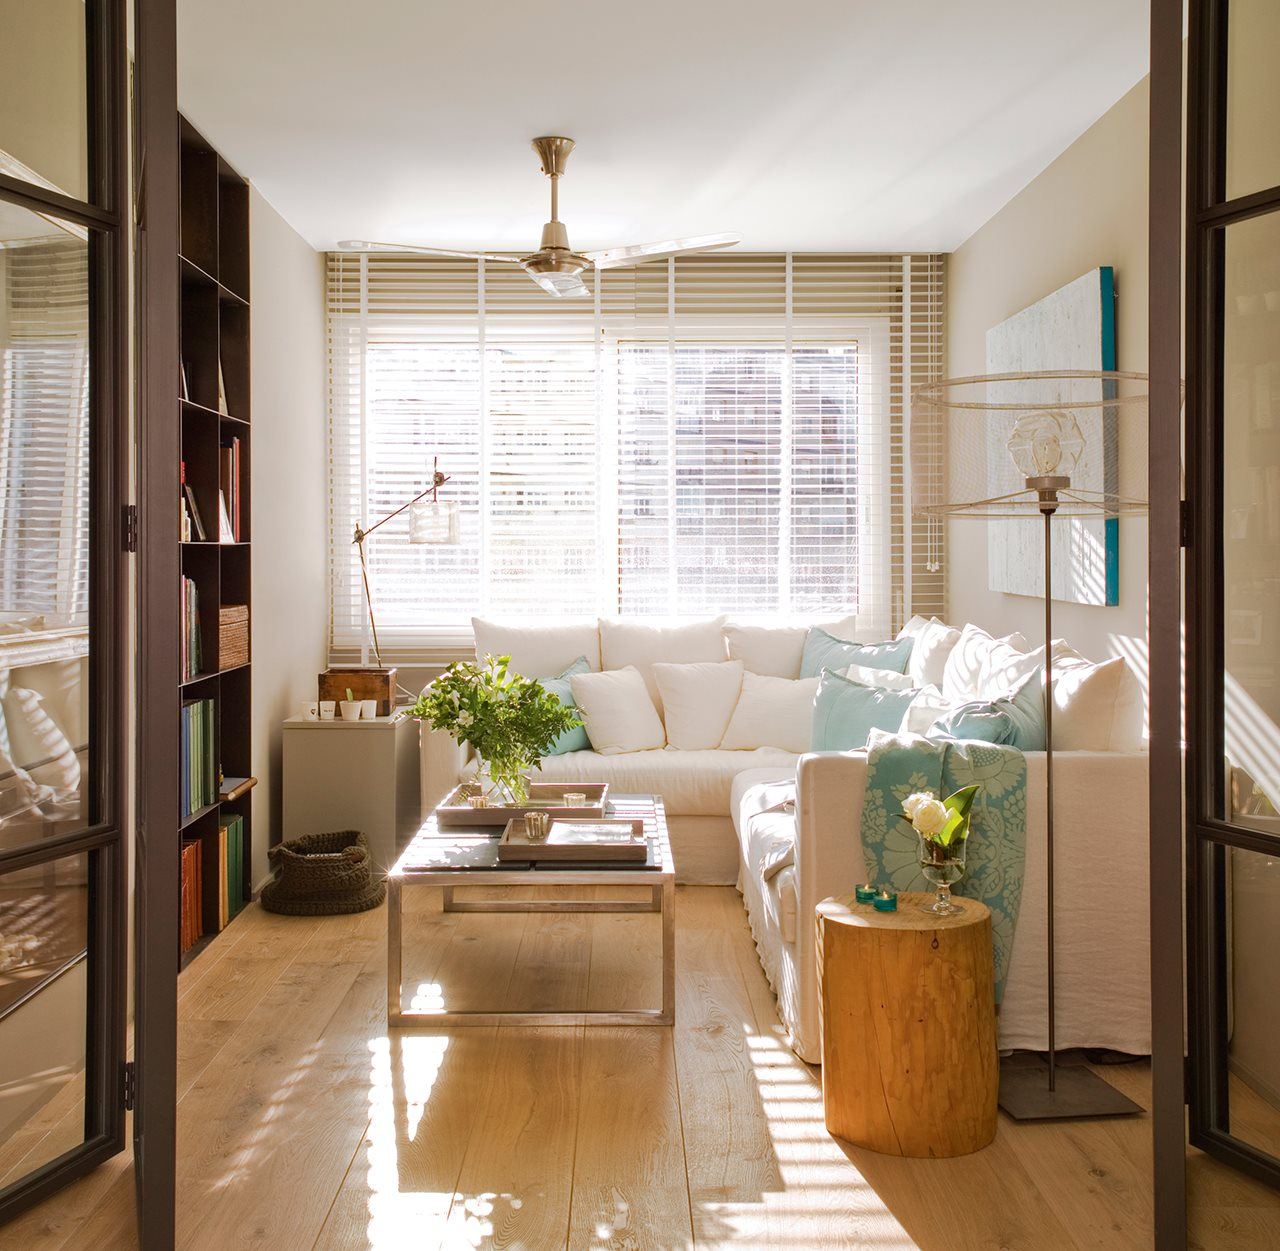 Una reforma para ganar luz y calidez - Puertas salon modernas ...